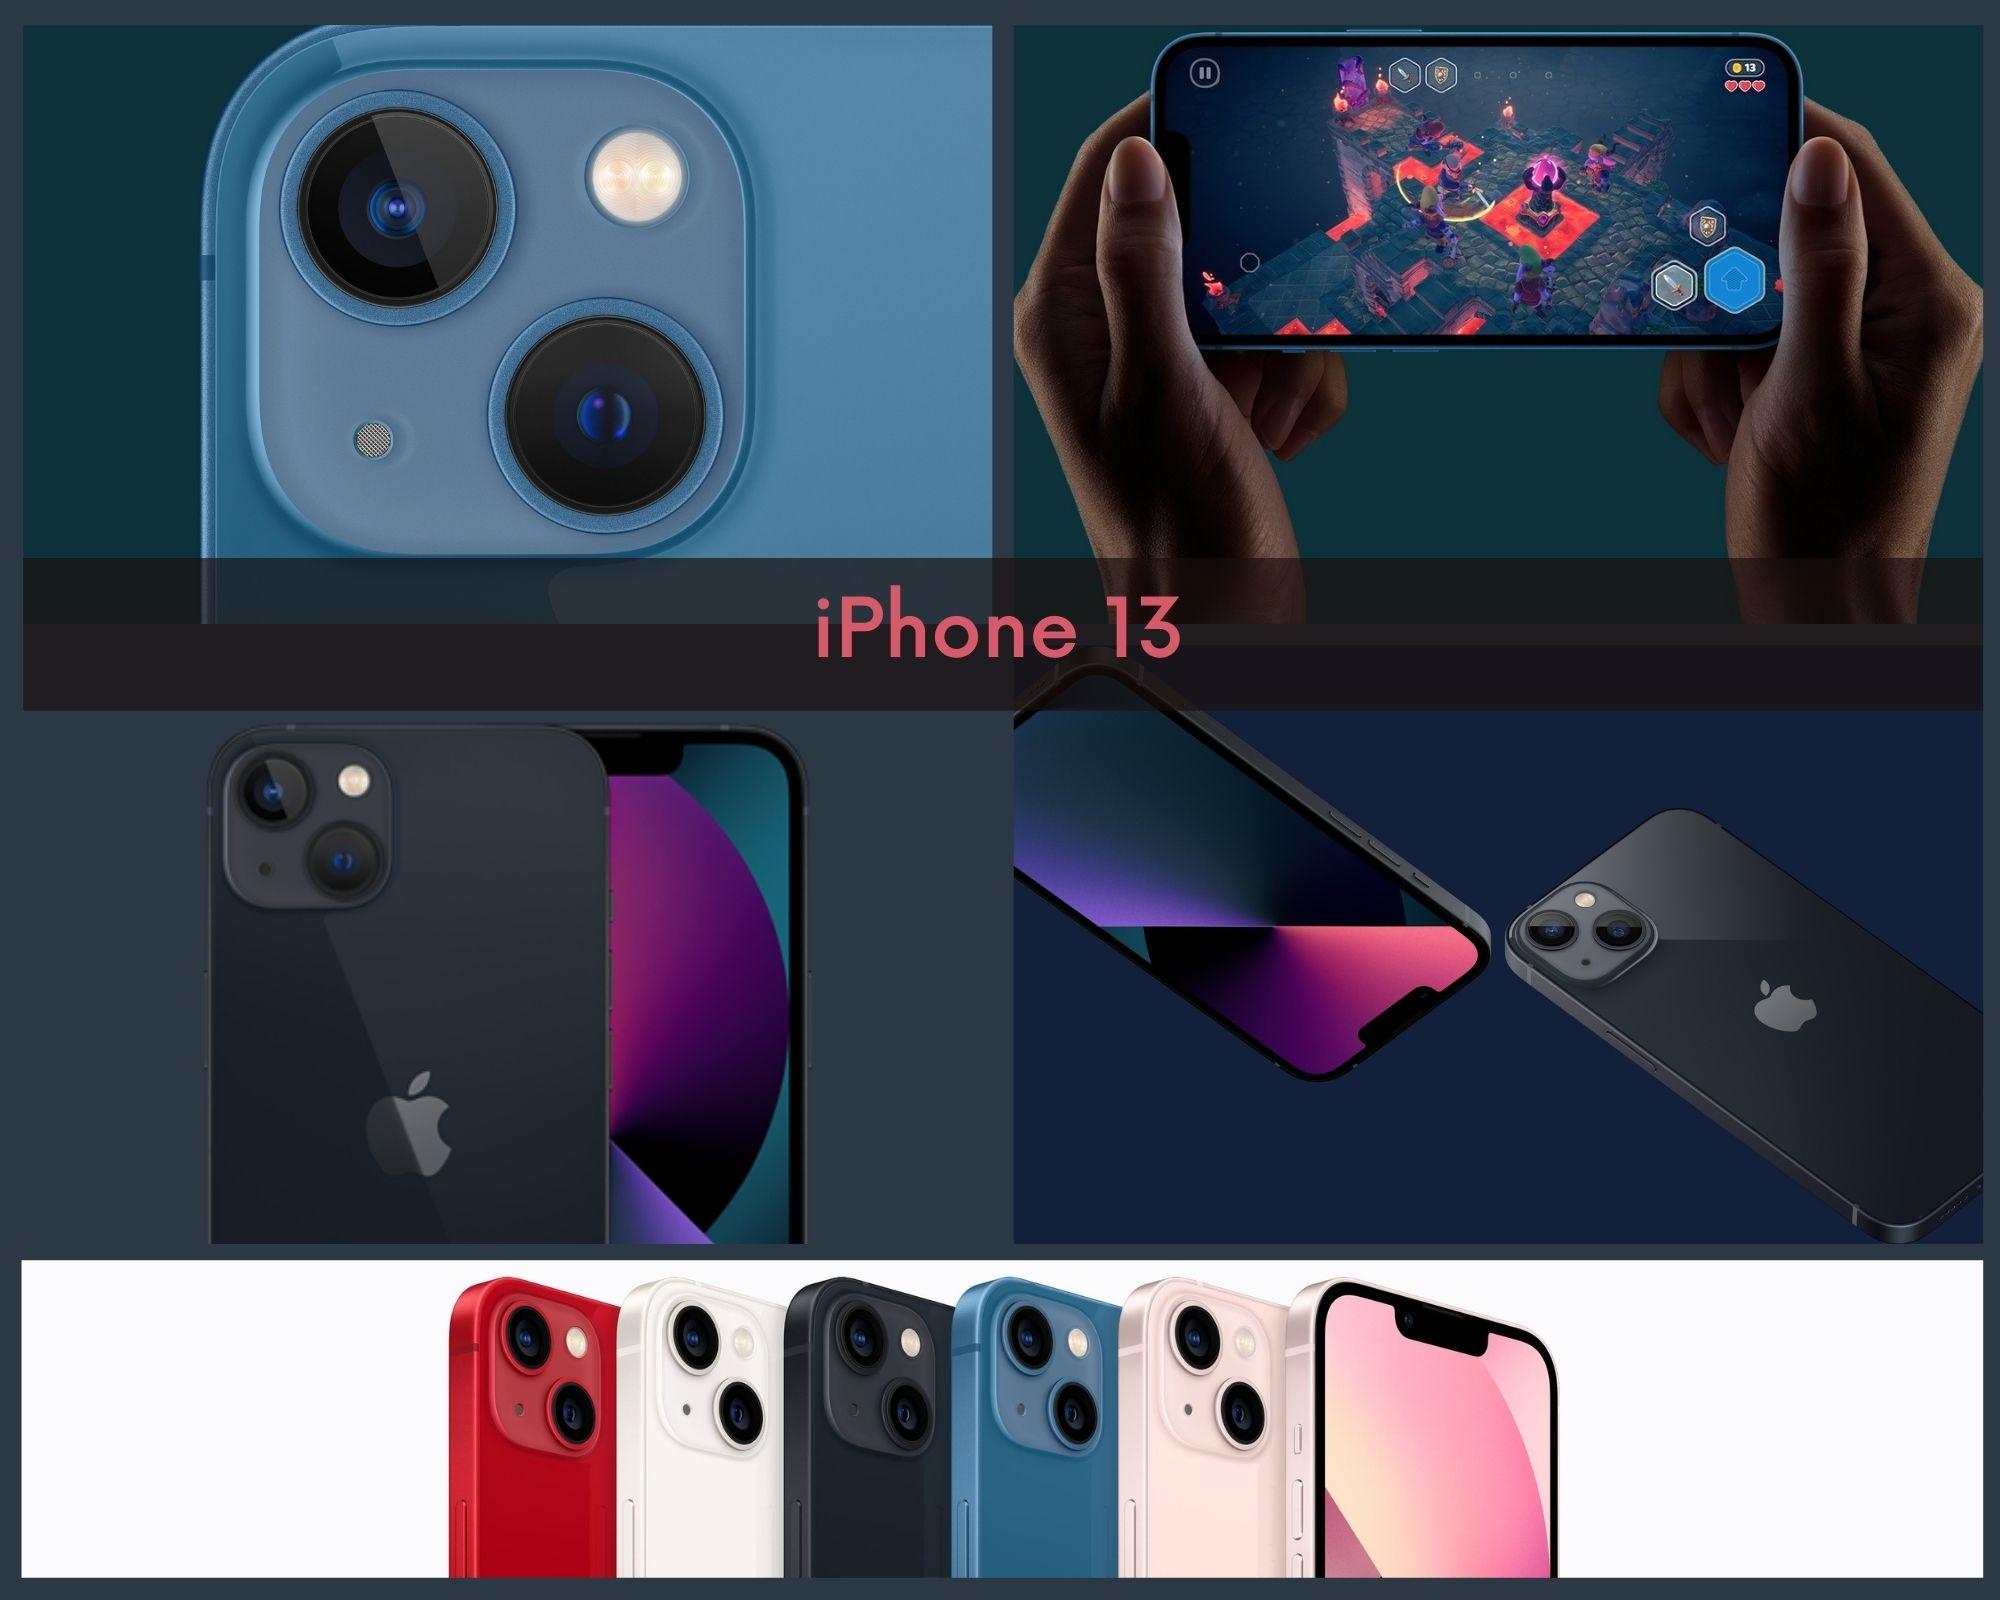 Apple iPhone 13. Ofertas, Descuentos, Cupones y Promociones para comprarlo aún más barato